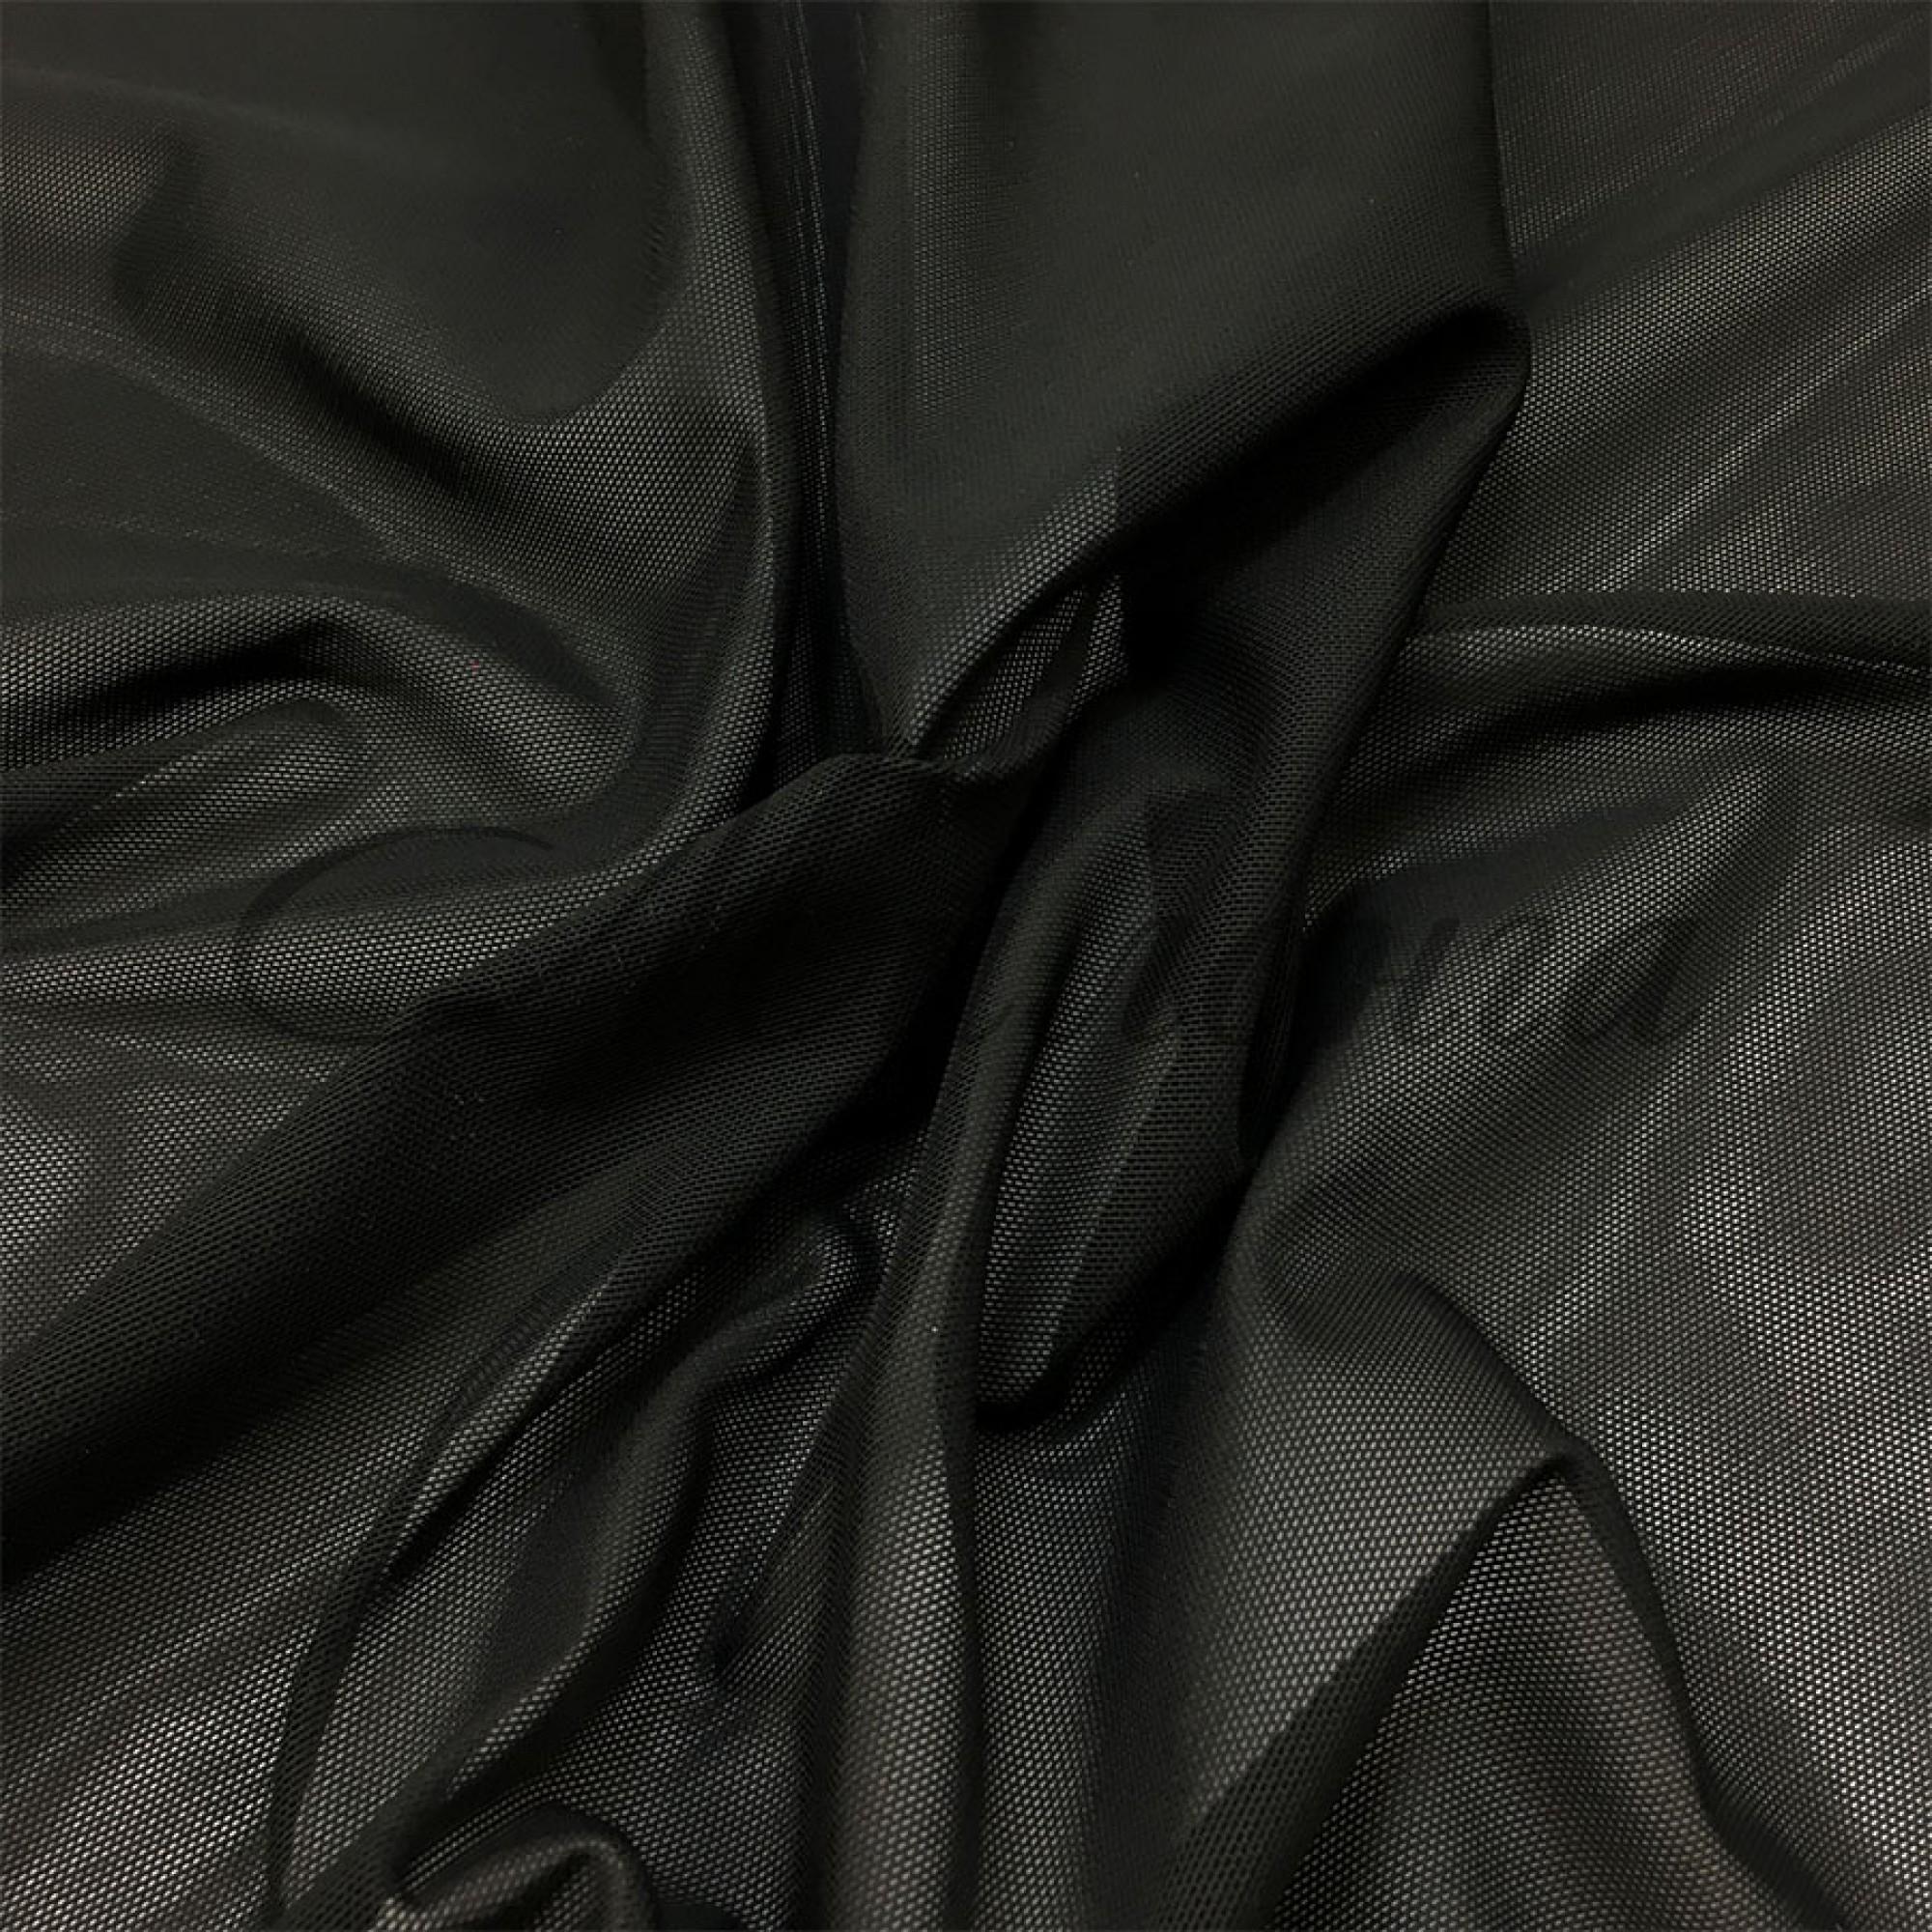 Сетка Chrisanne плотная ( B.net150)  Black